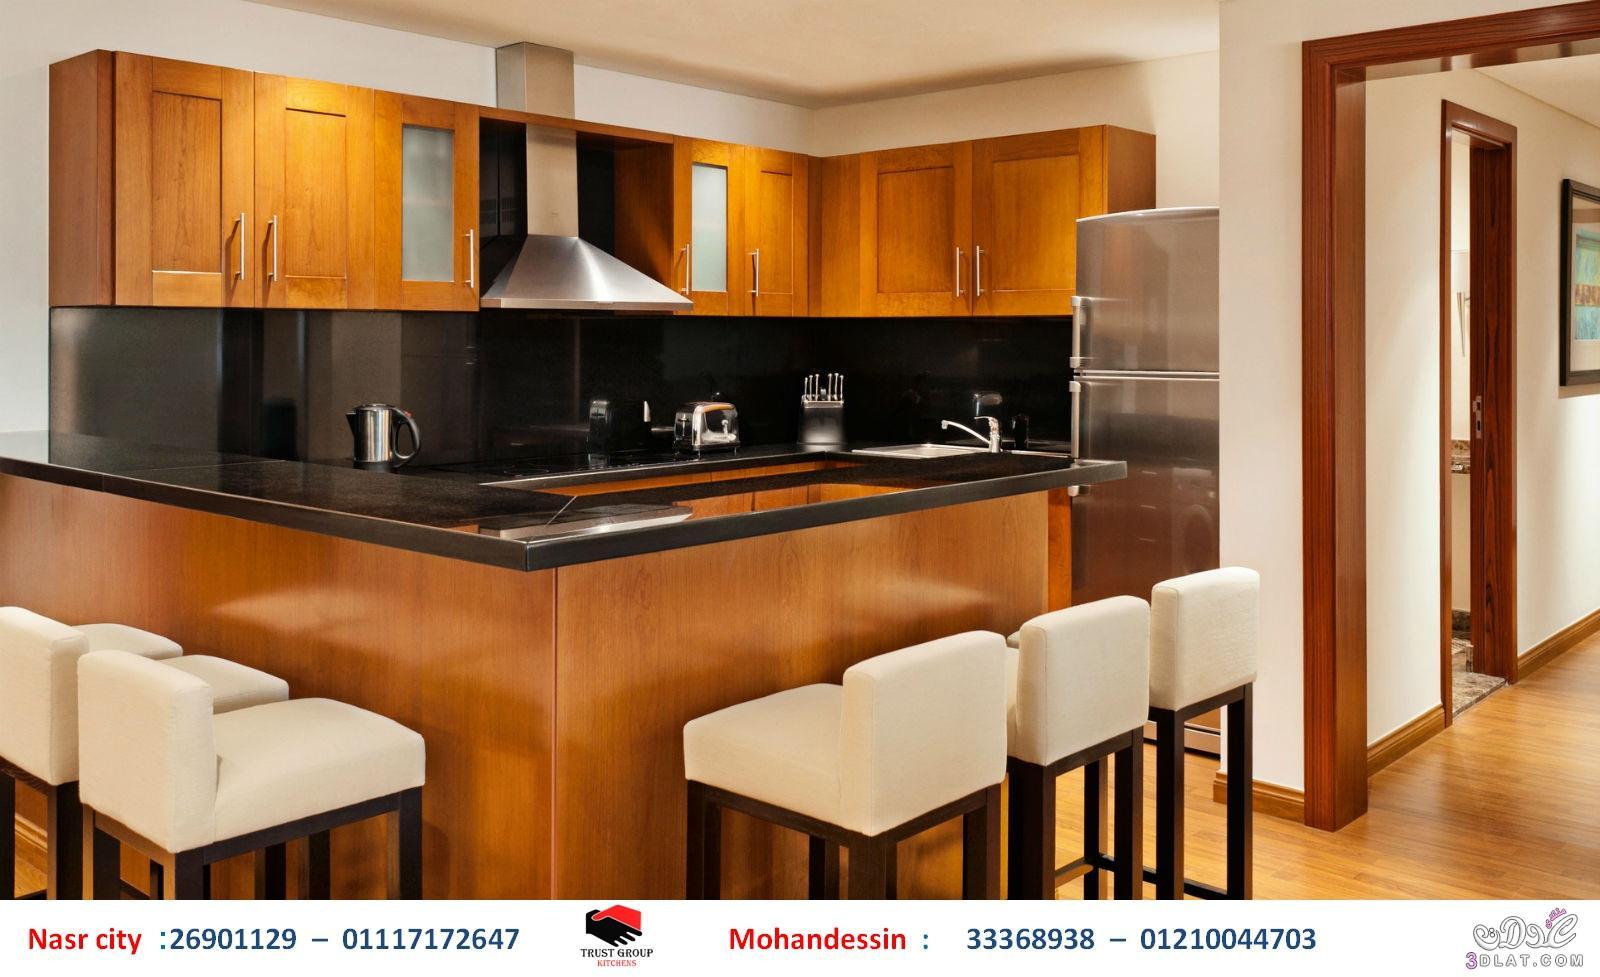 سعر مطبخ اكريليك – سعر مطبخ بولى لاك ( للاتصال 01117172647 )